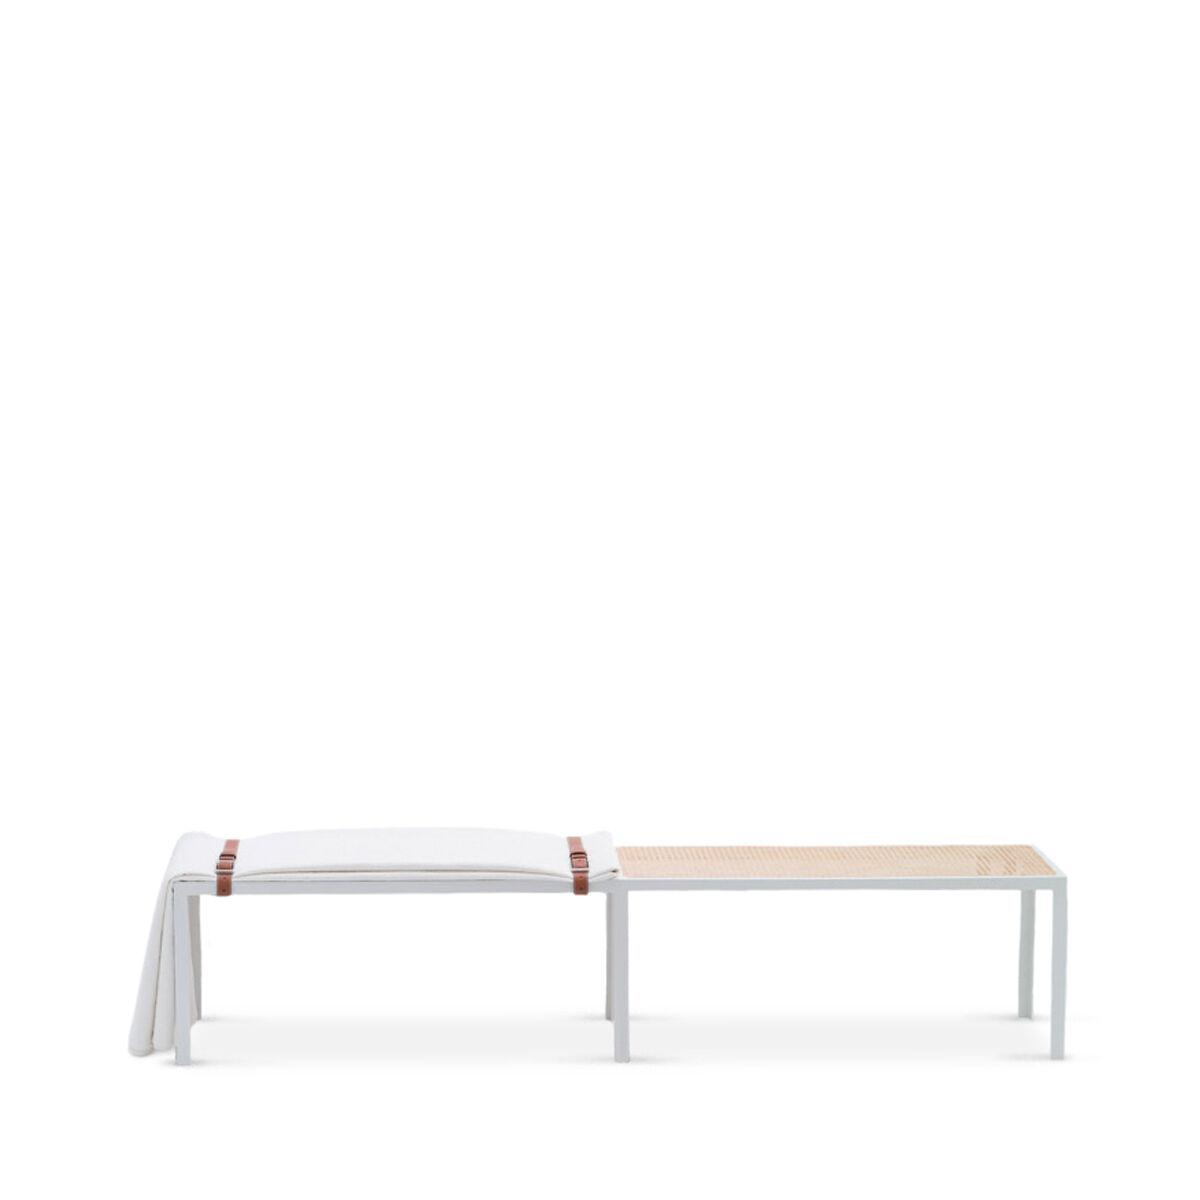 LOEWE Set Double Bench ホワイト/マルチカラー all